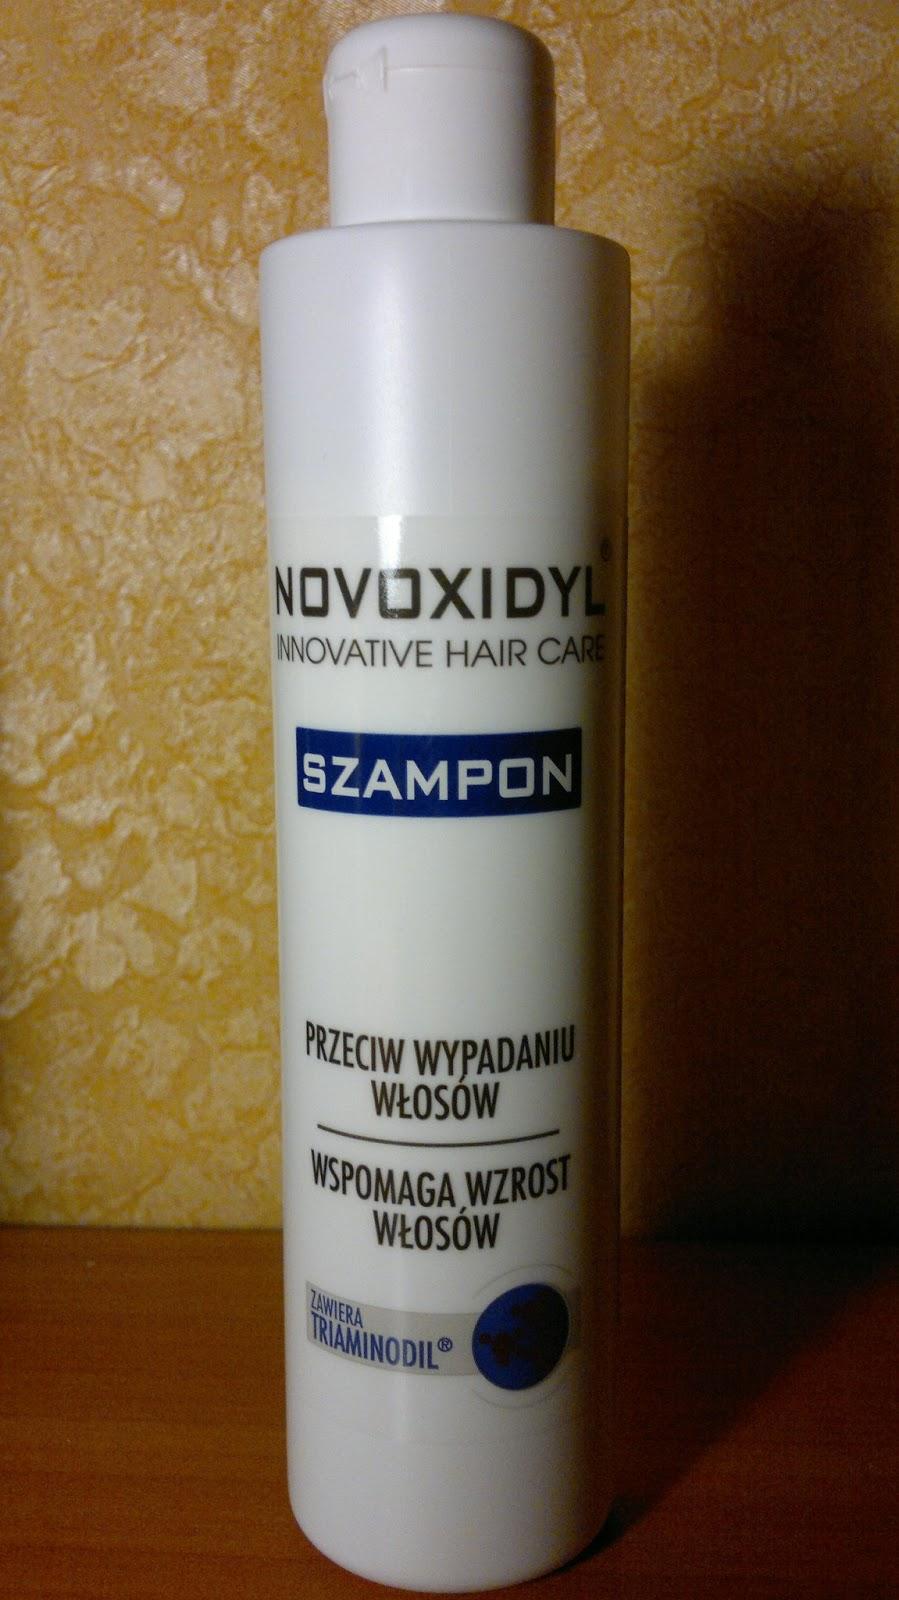 novoxidyl specjalistyczny szampon przeciw wypadaniu włosów